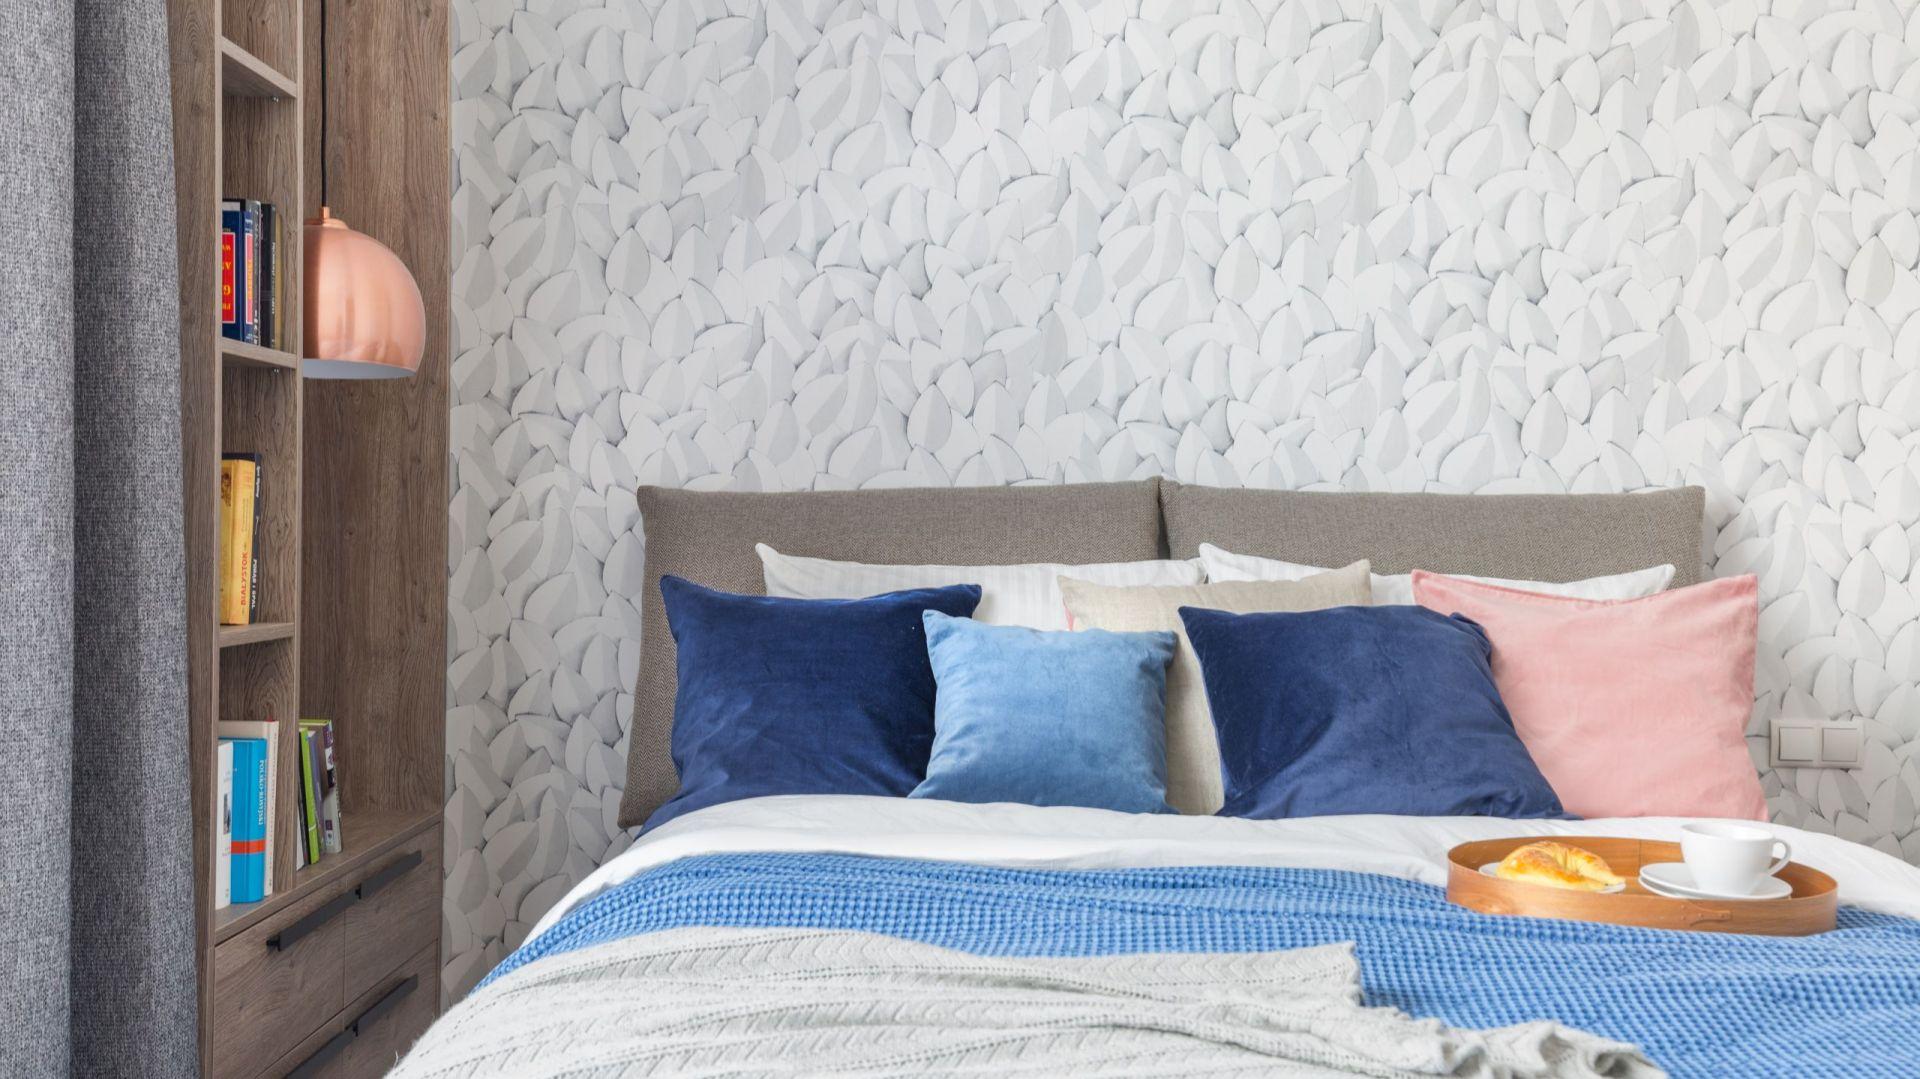 Tekstylia dodają domowego ciepła. Projekt: Dominika Wojciechowska. Fot. Marta Behling/ Pion Poziom